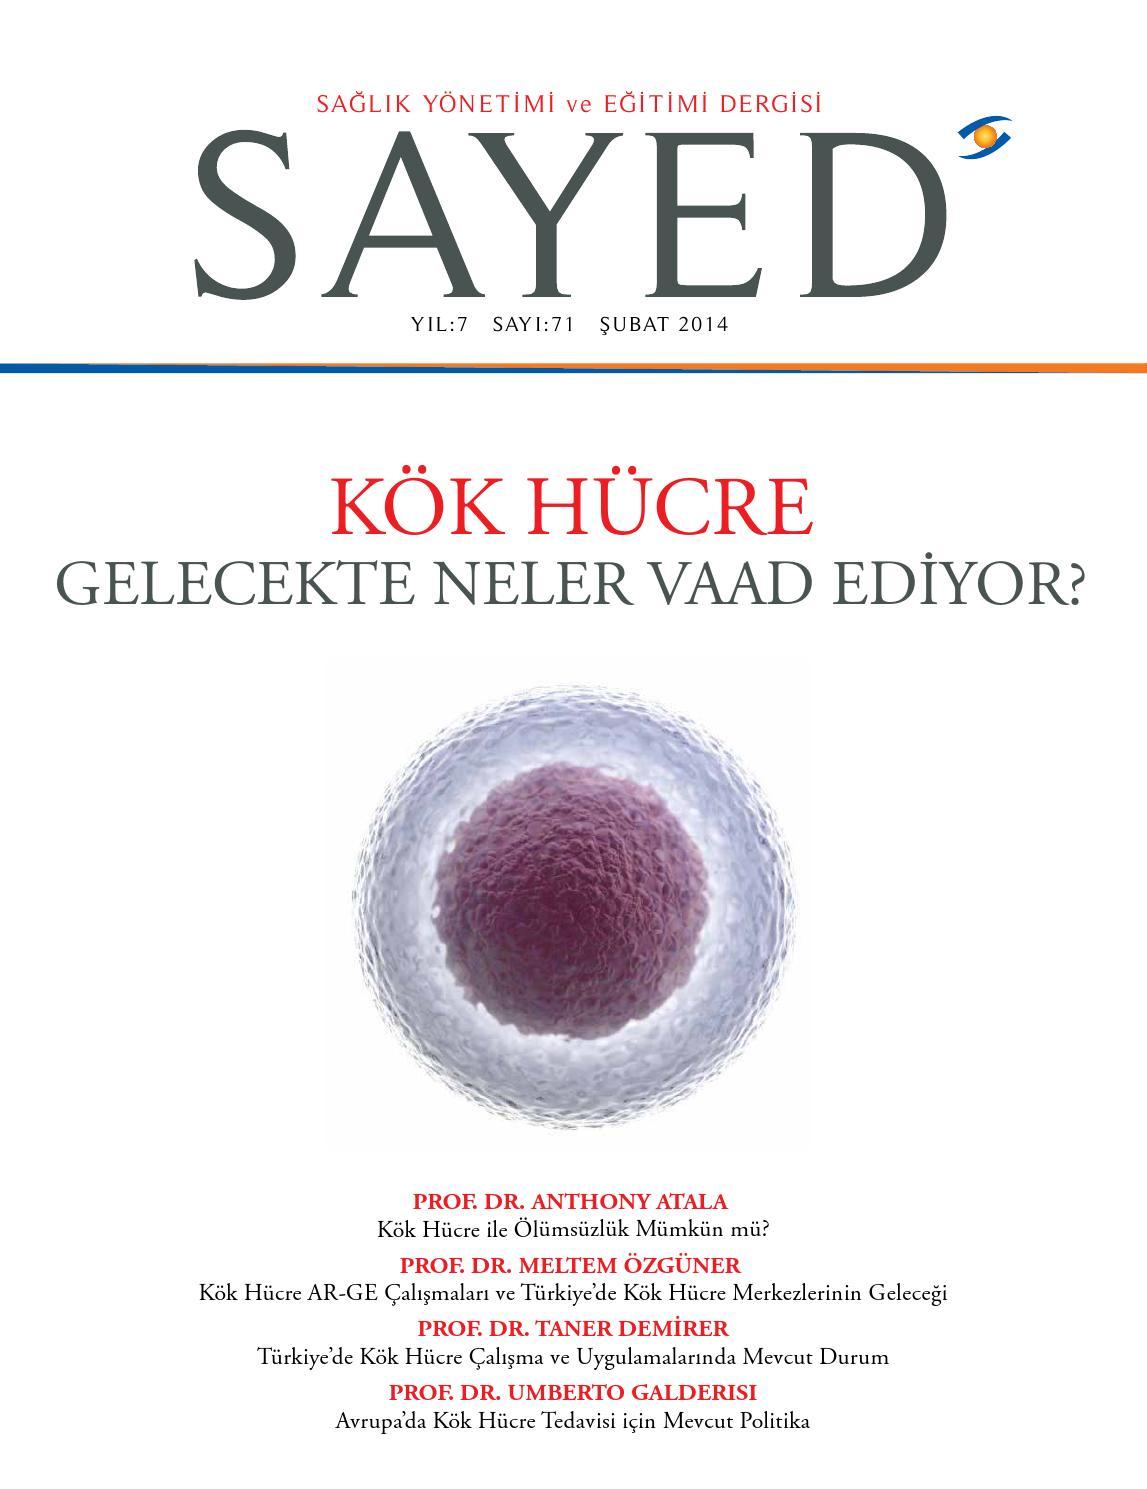 Kök hücre ile çocuk yapabilme 2013